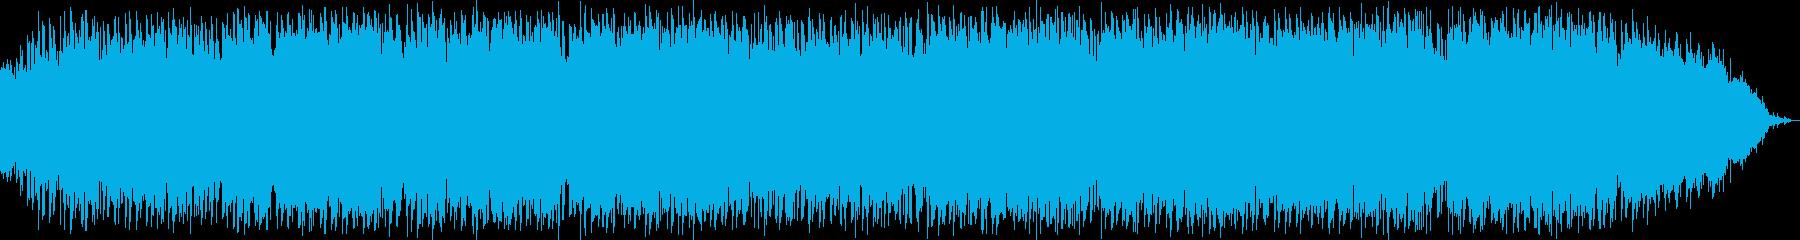 静かな竹笛の瞑想音楽の再生済みの波形